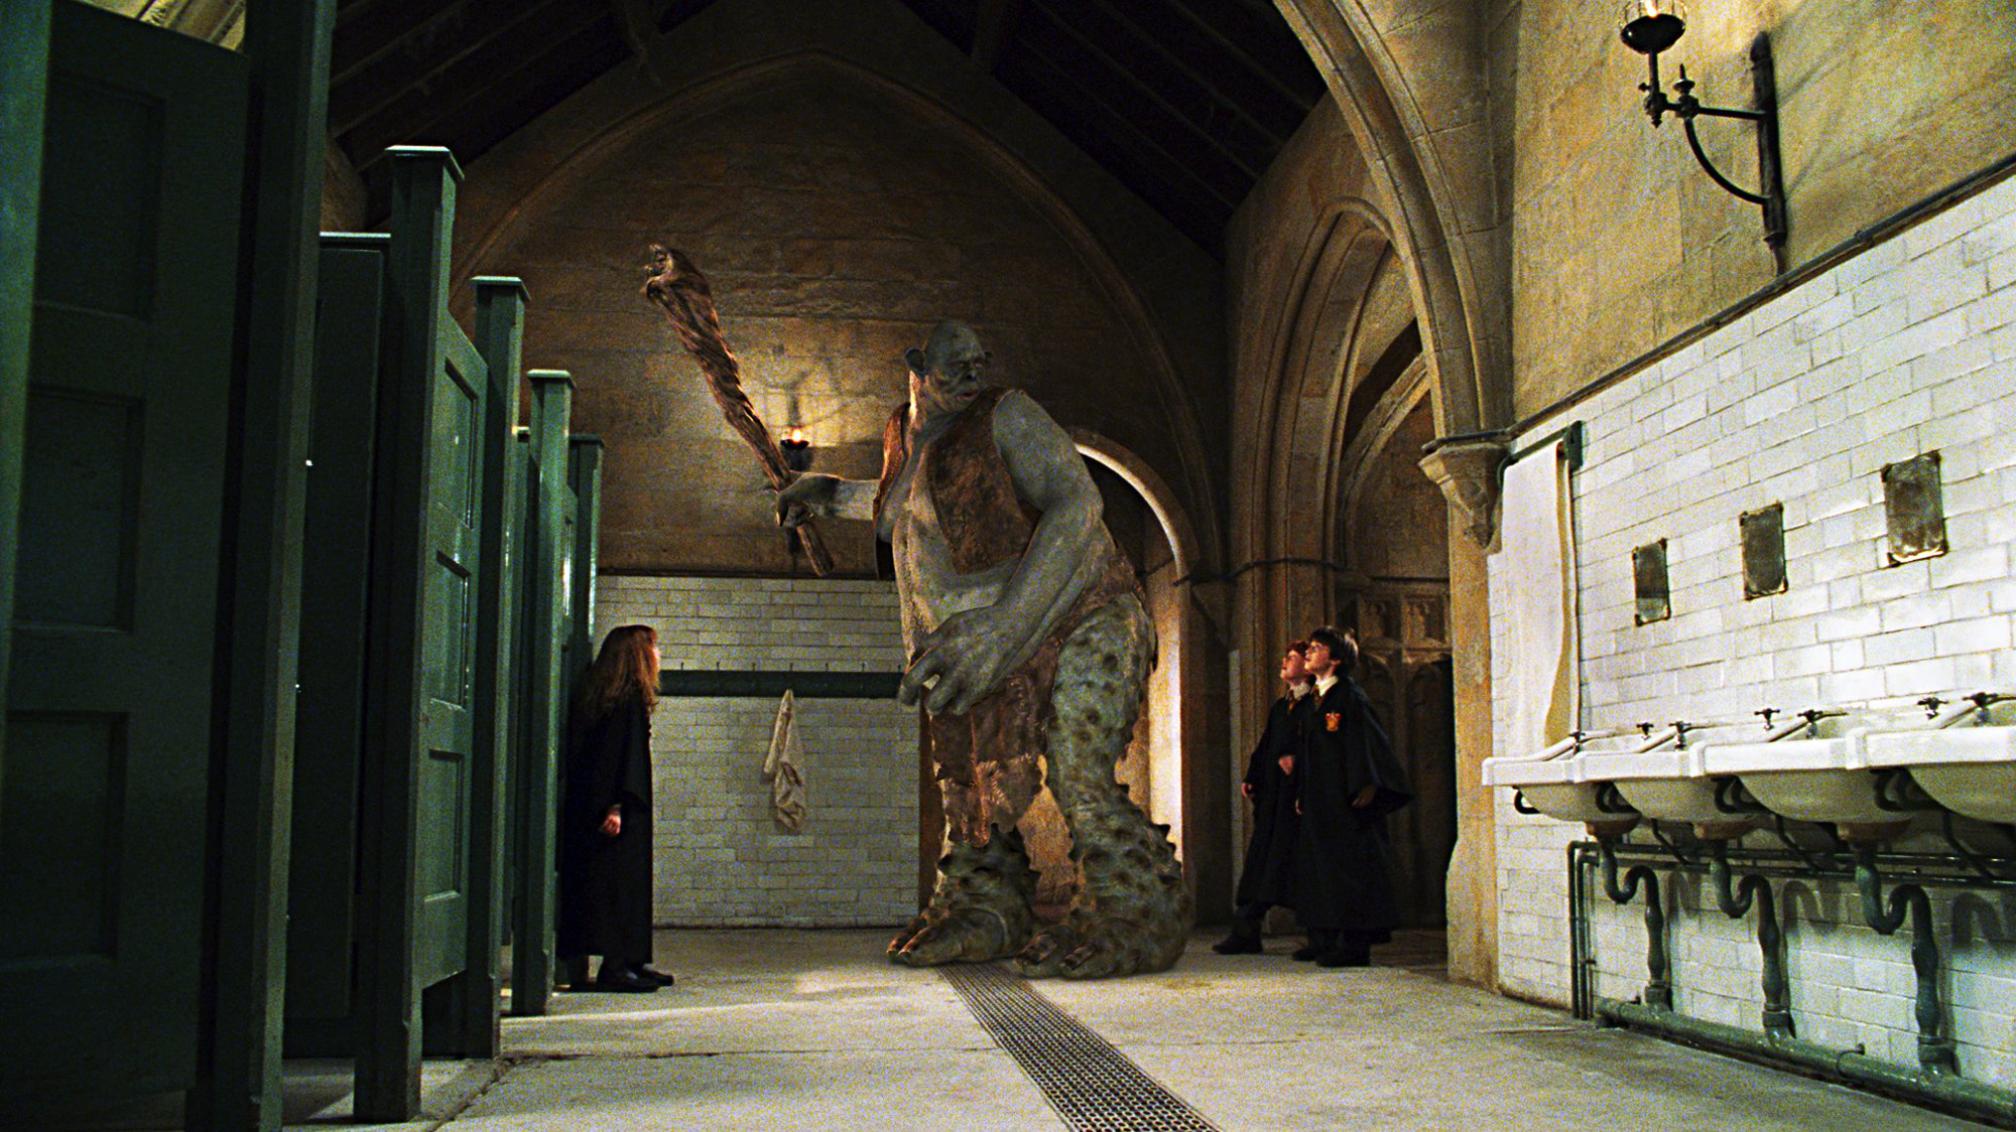 哈利波特:神祕的魔法石劇照 3